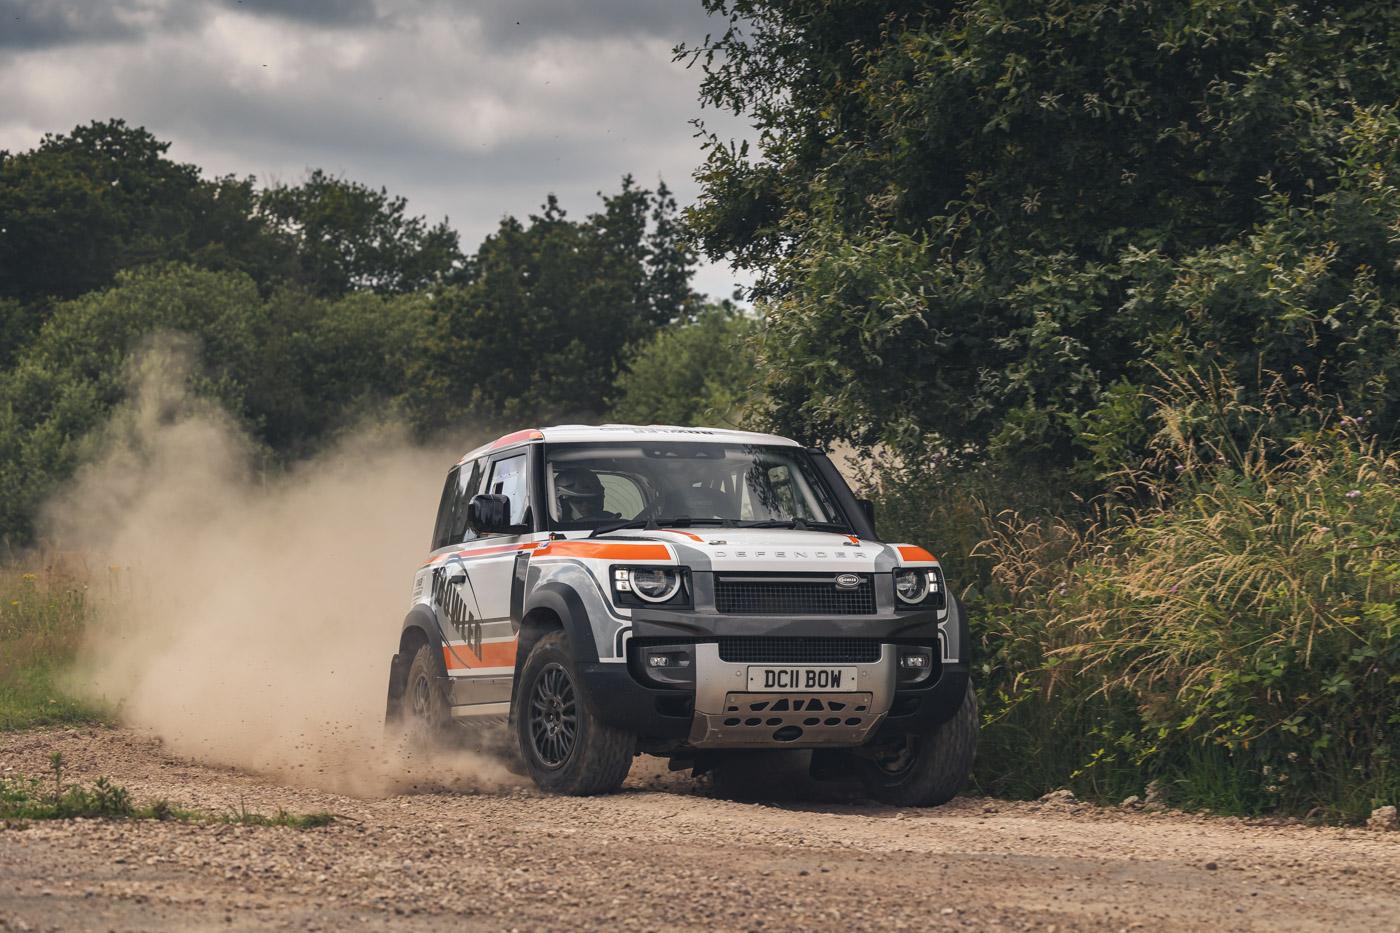 Land-Rover-hợp-tác-cùng-Bowler-ra-mắt-phiên-bản-đua-địa-hình-của-Defender-1.jpg